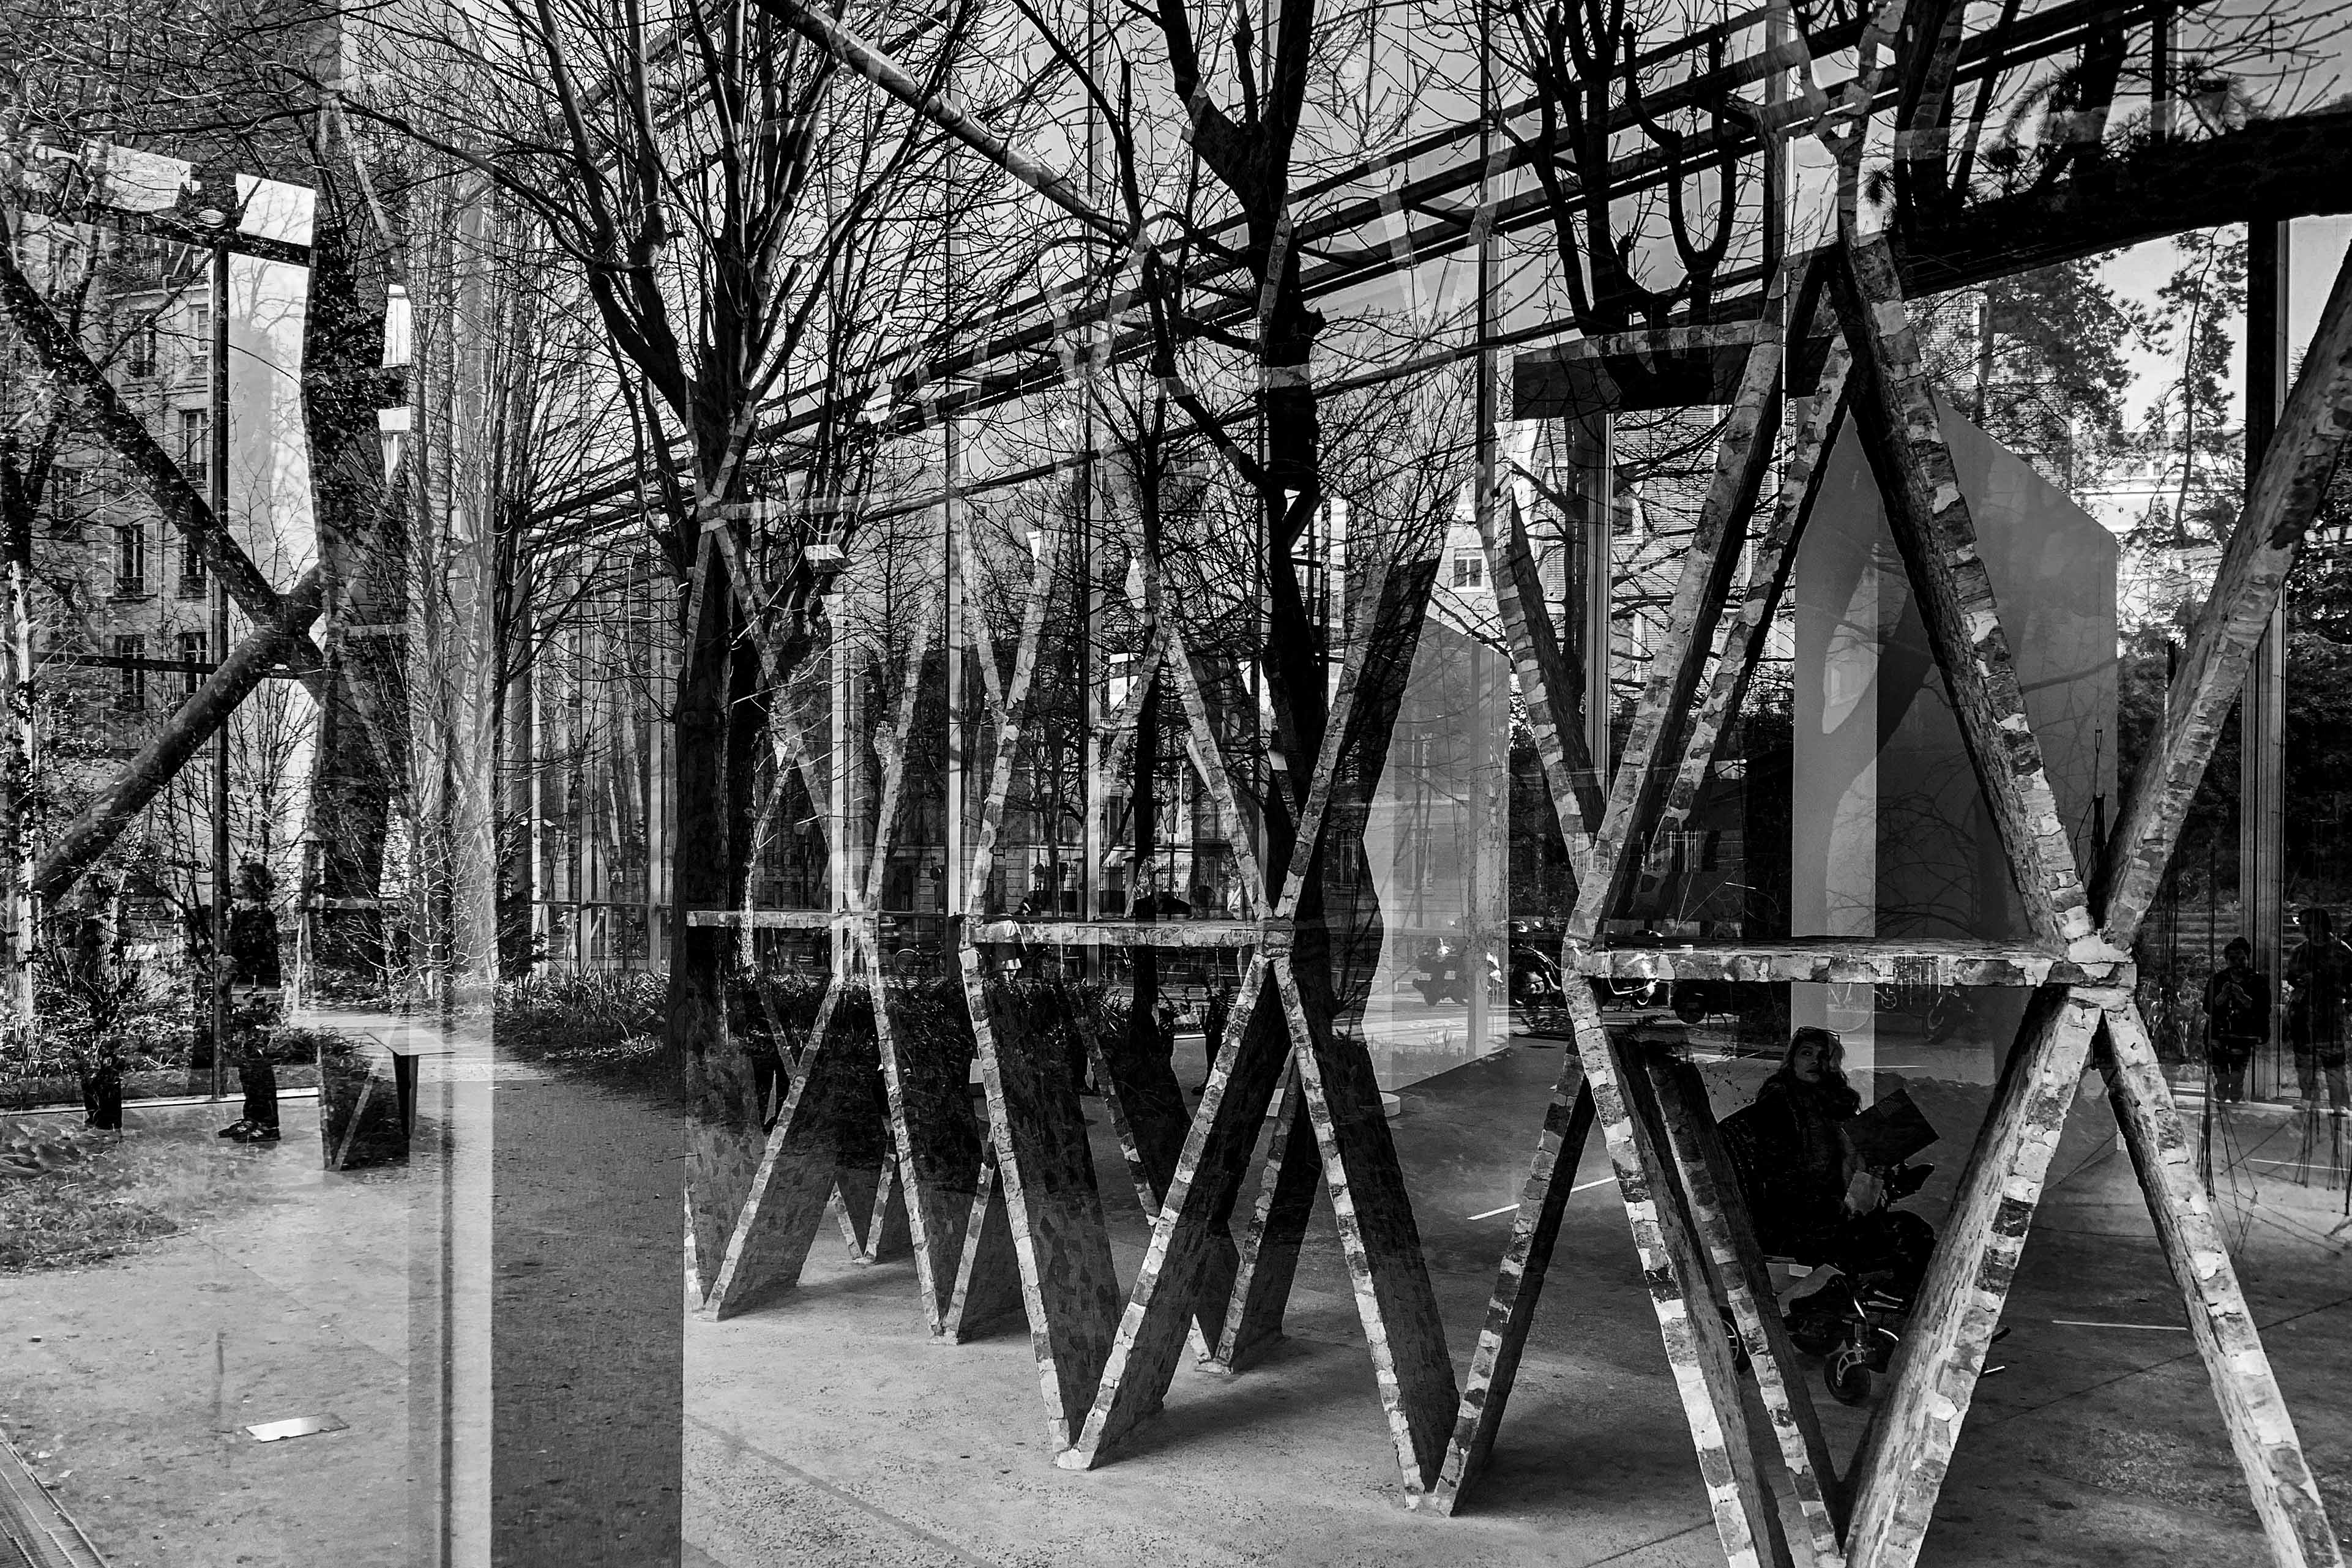 Géométries sud, fondation cartier, gildalliere, 2019